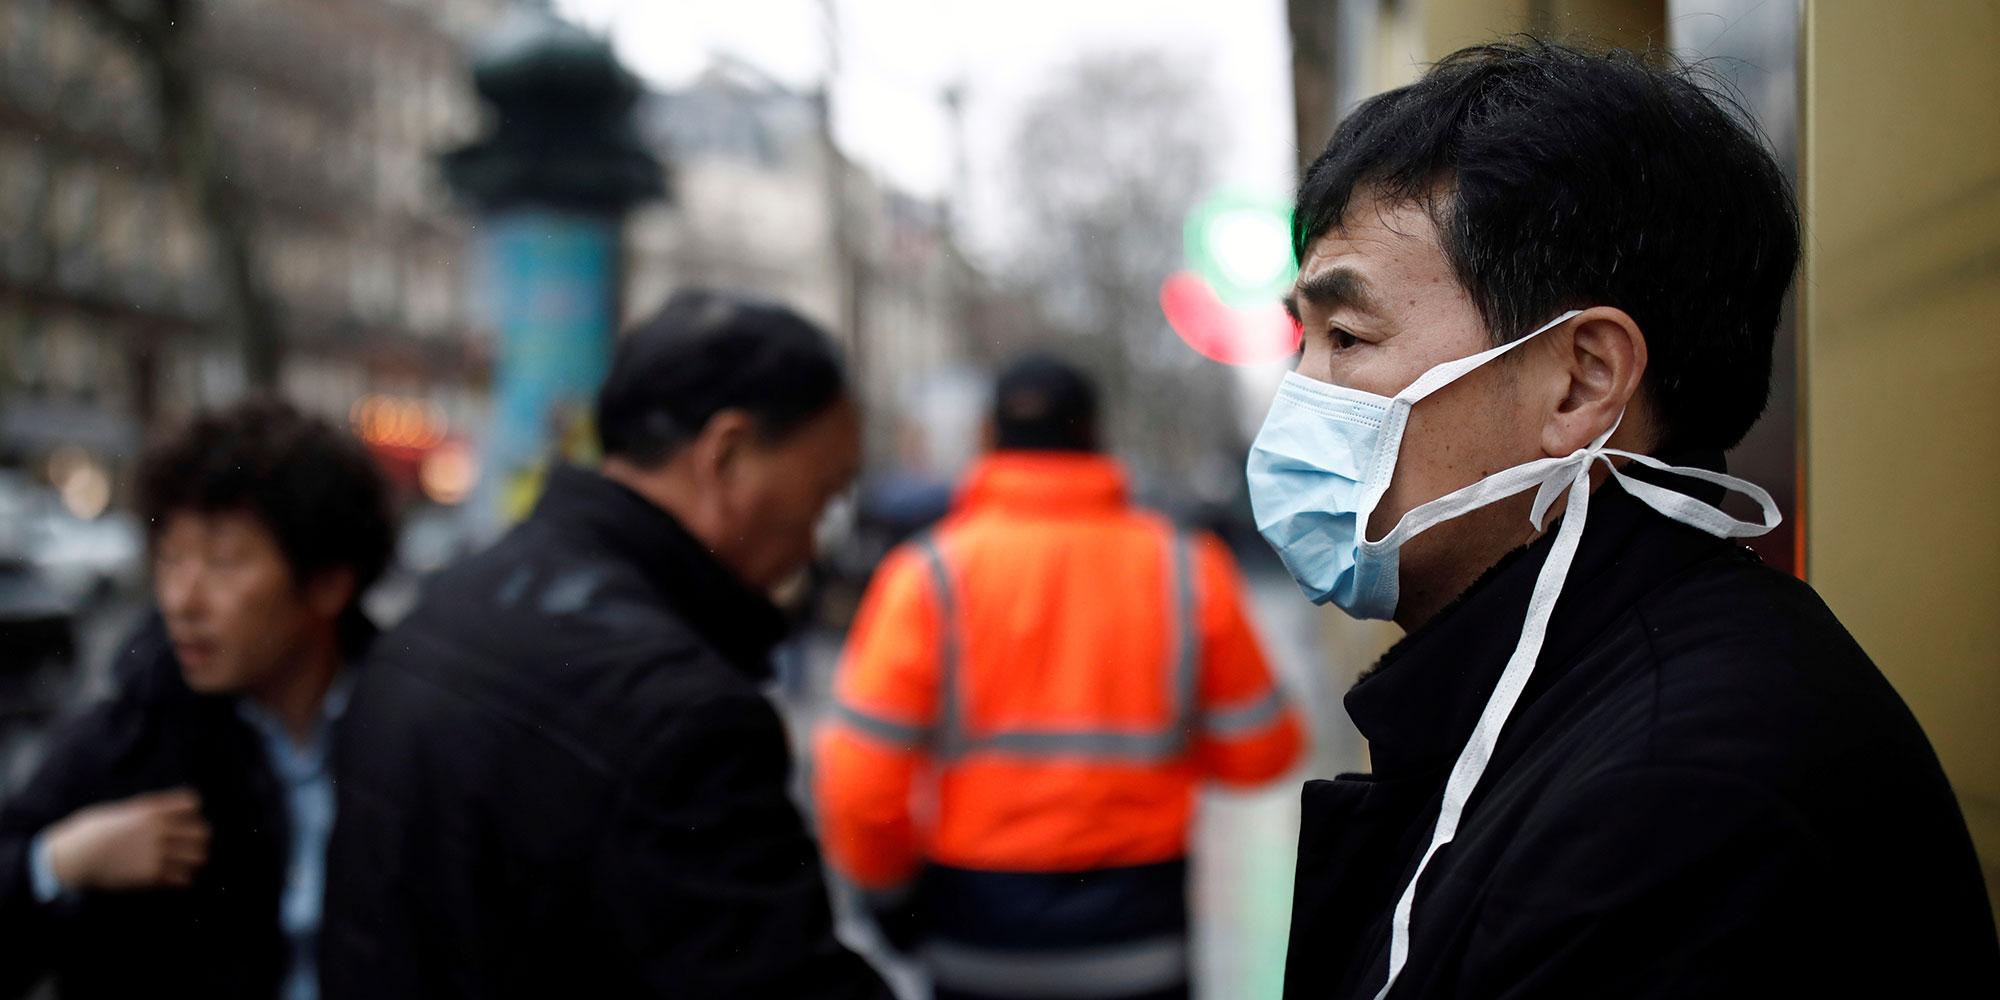 masque contamination virus